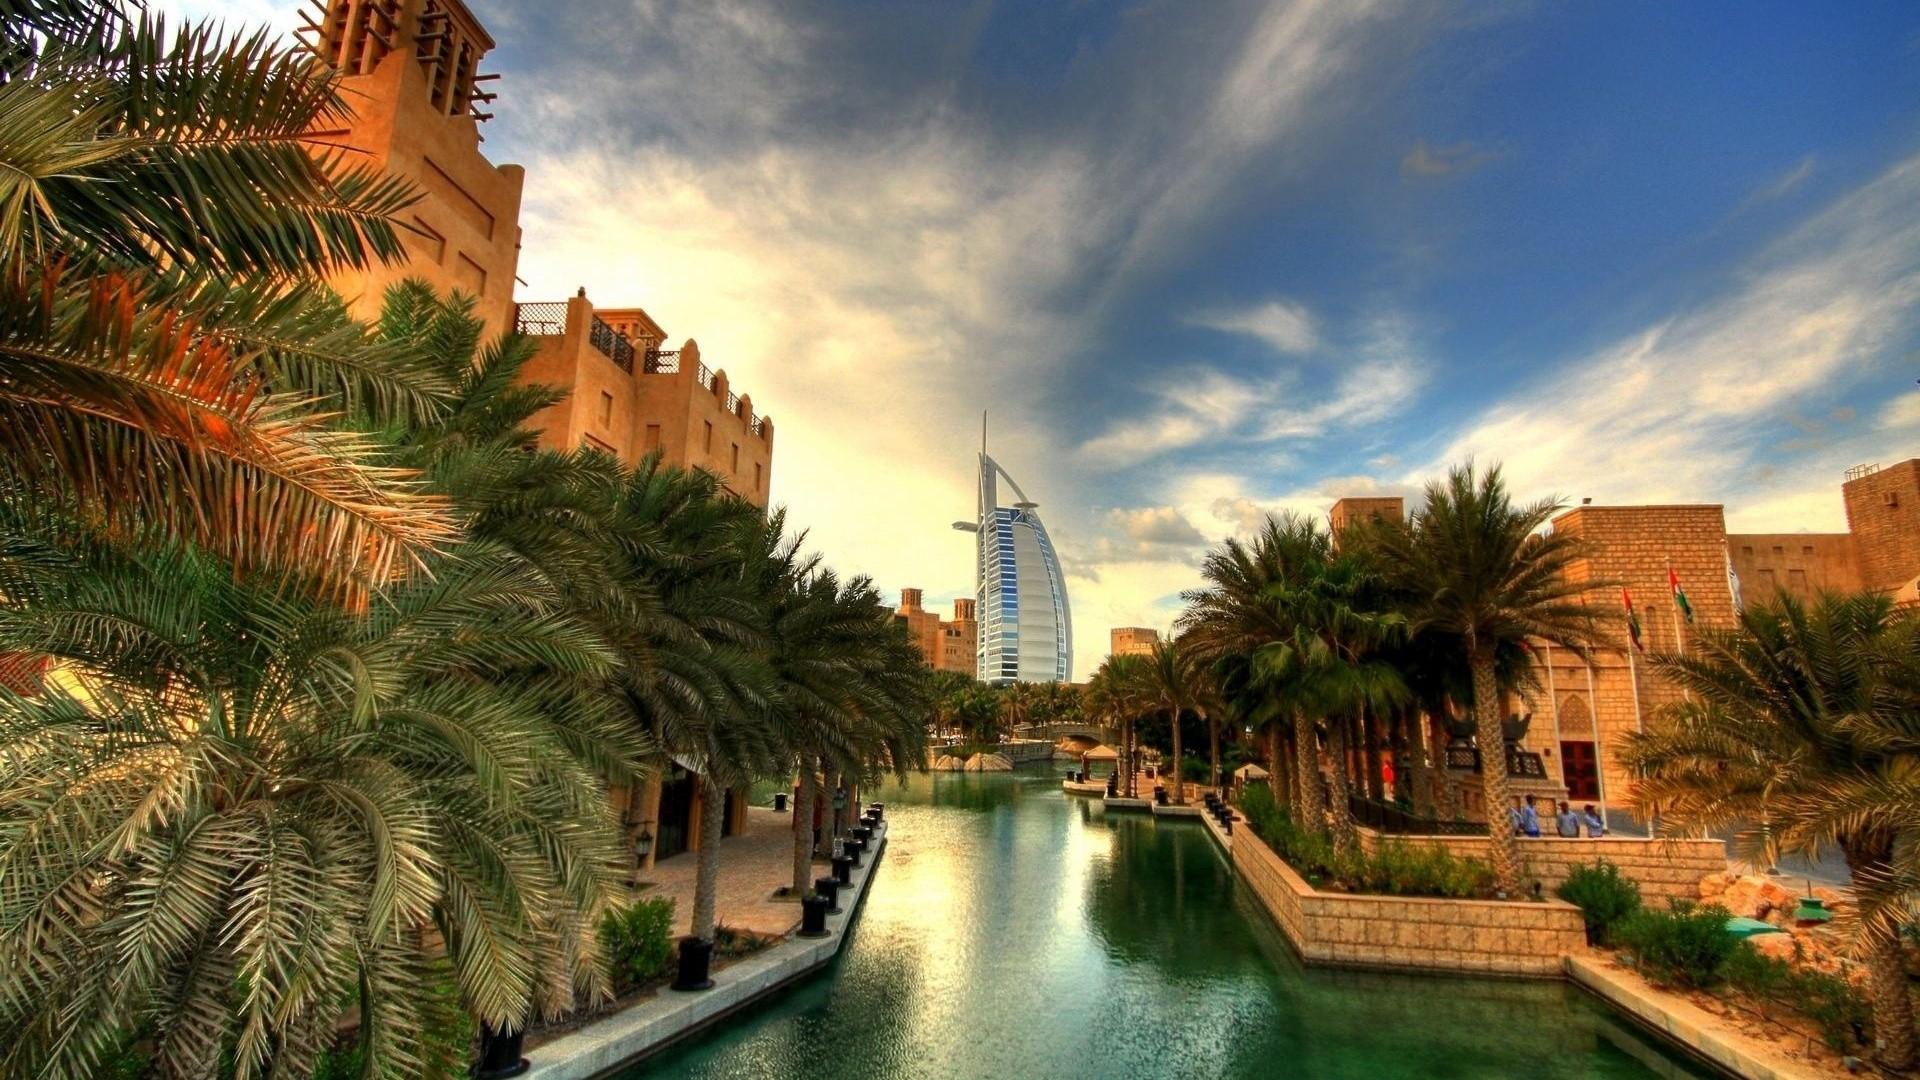 United Arab Emirates HD Wallpaper   HD Wallpapers 1920x1080